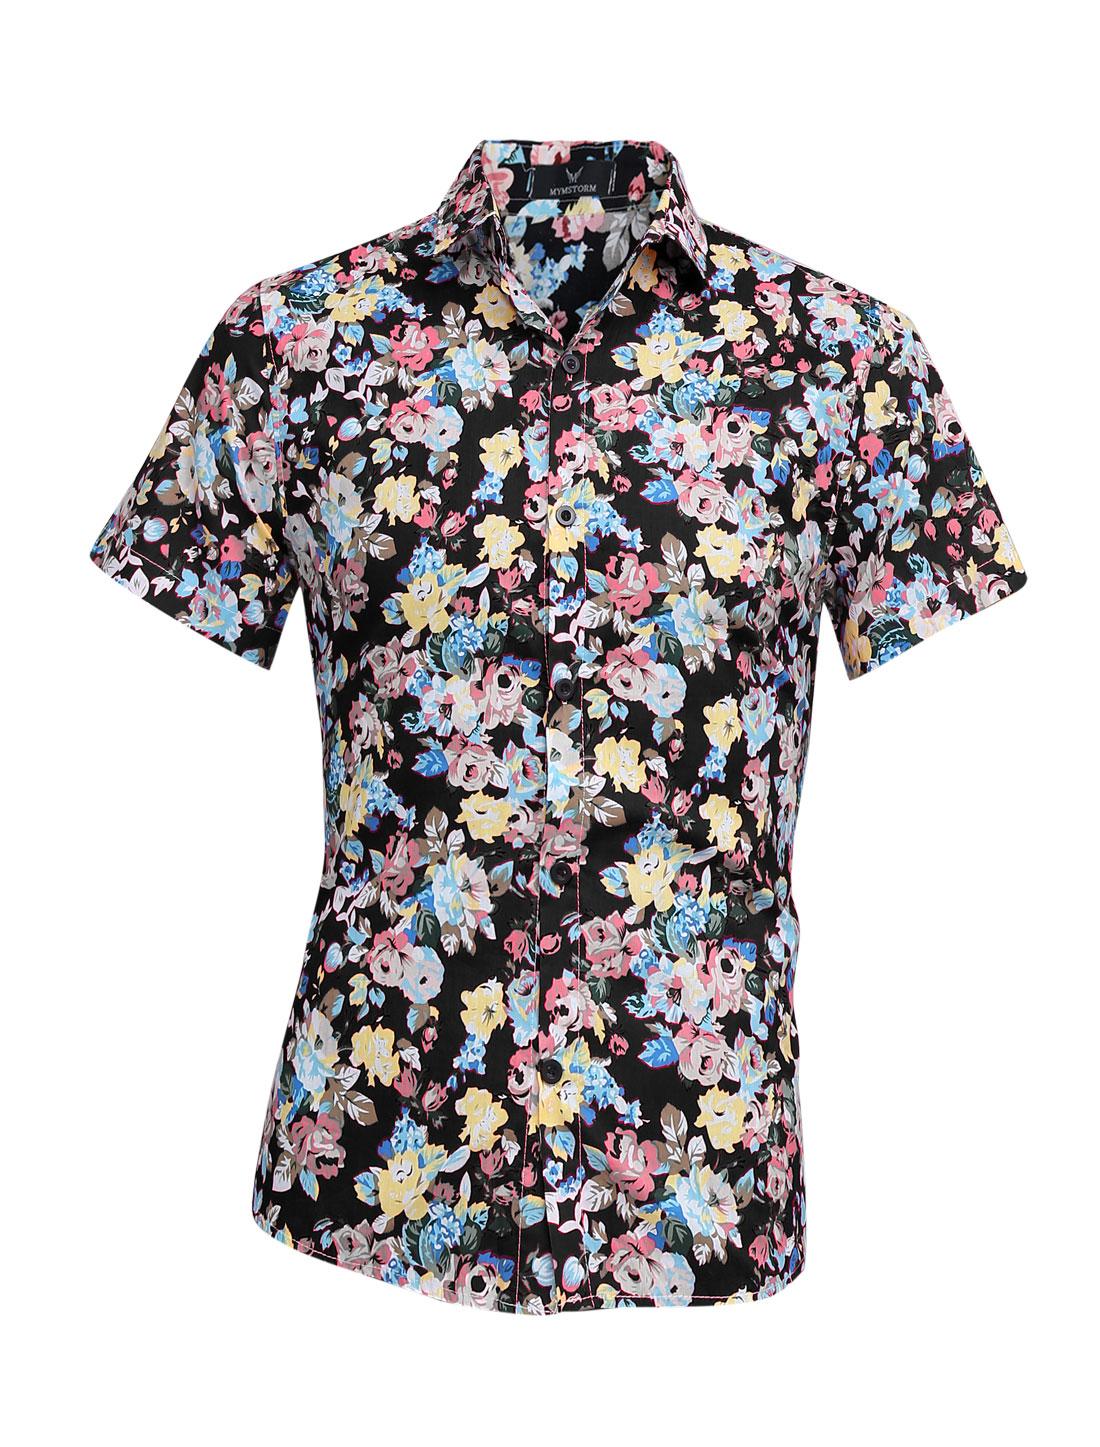 Men Summer Point Collar Flower Pattern Casual Top Shirt Black M